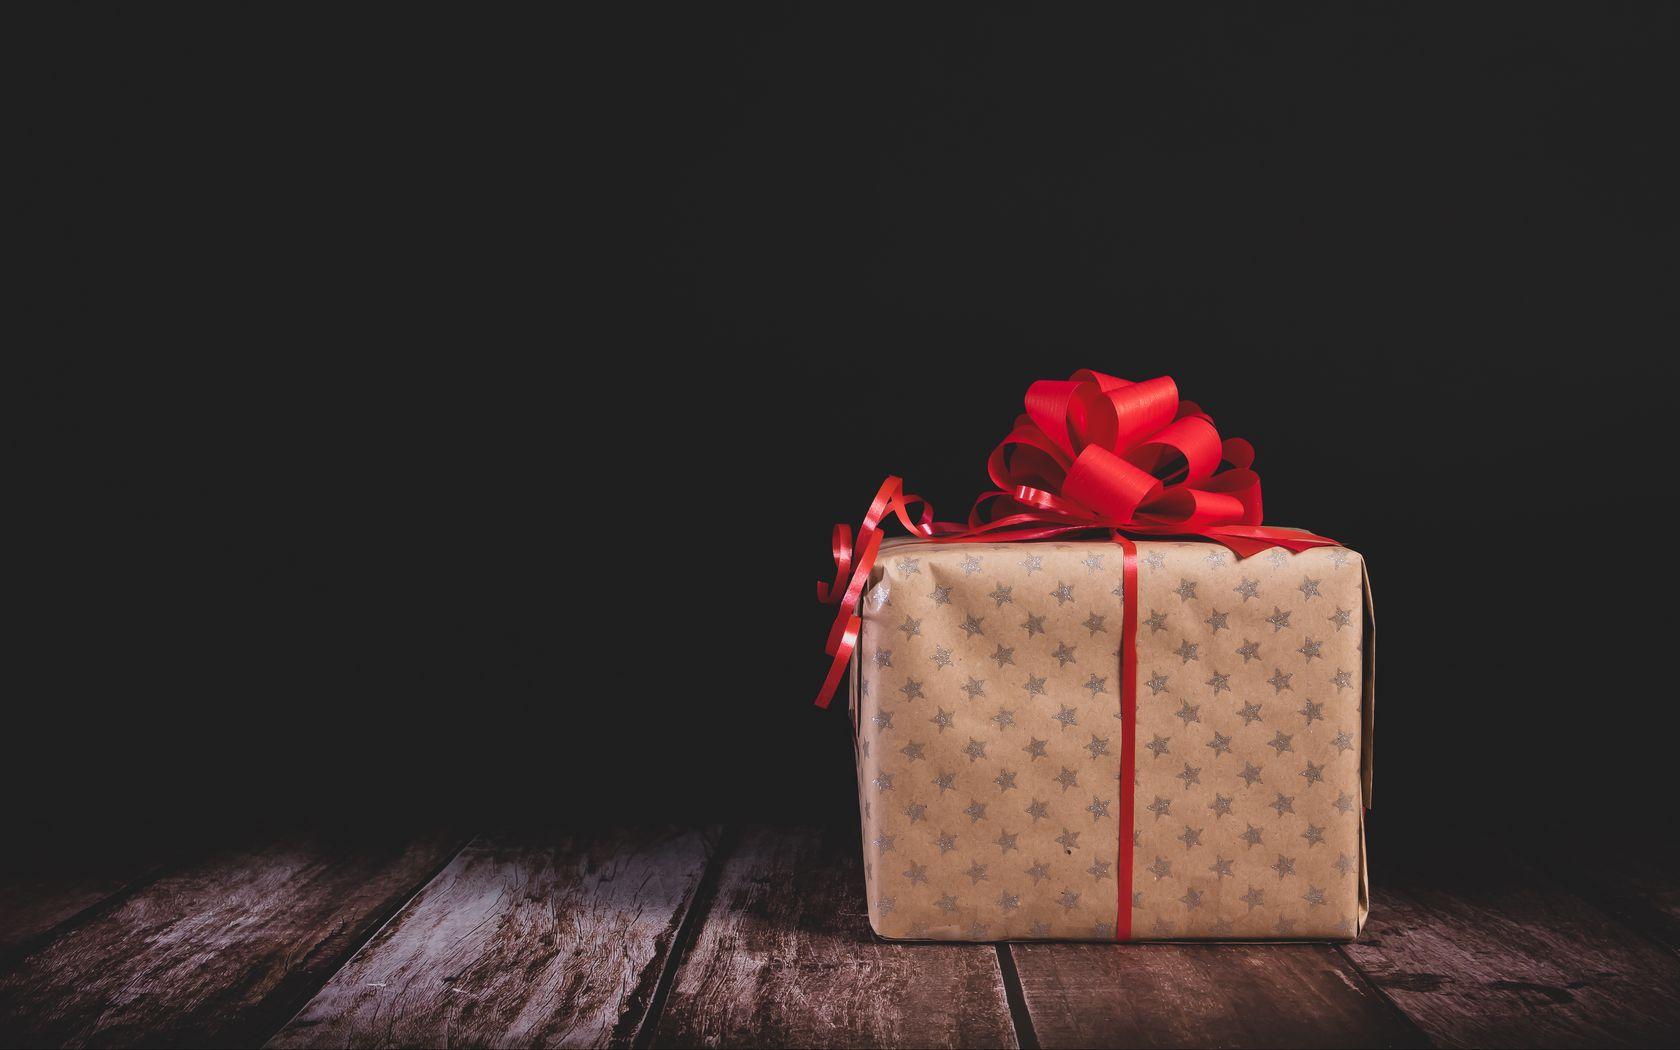 1680x1050 Wallpaper gift, box, bow, holiday